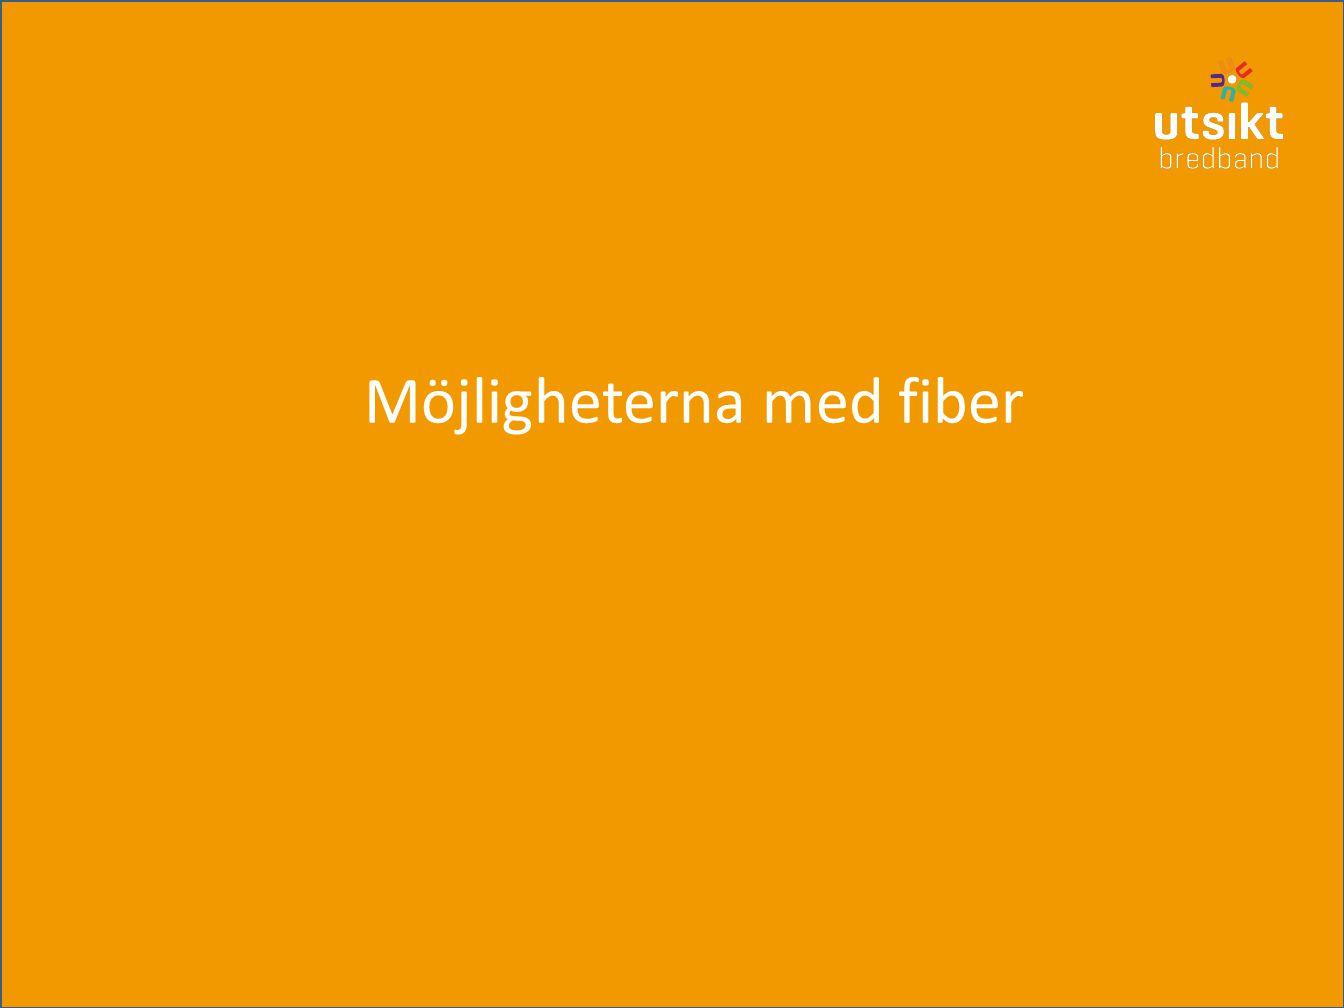 Möjligheterna med fiber